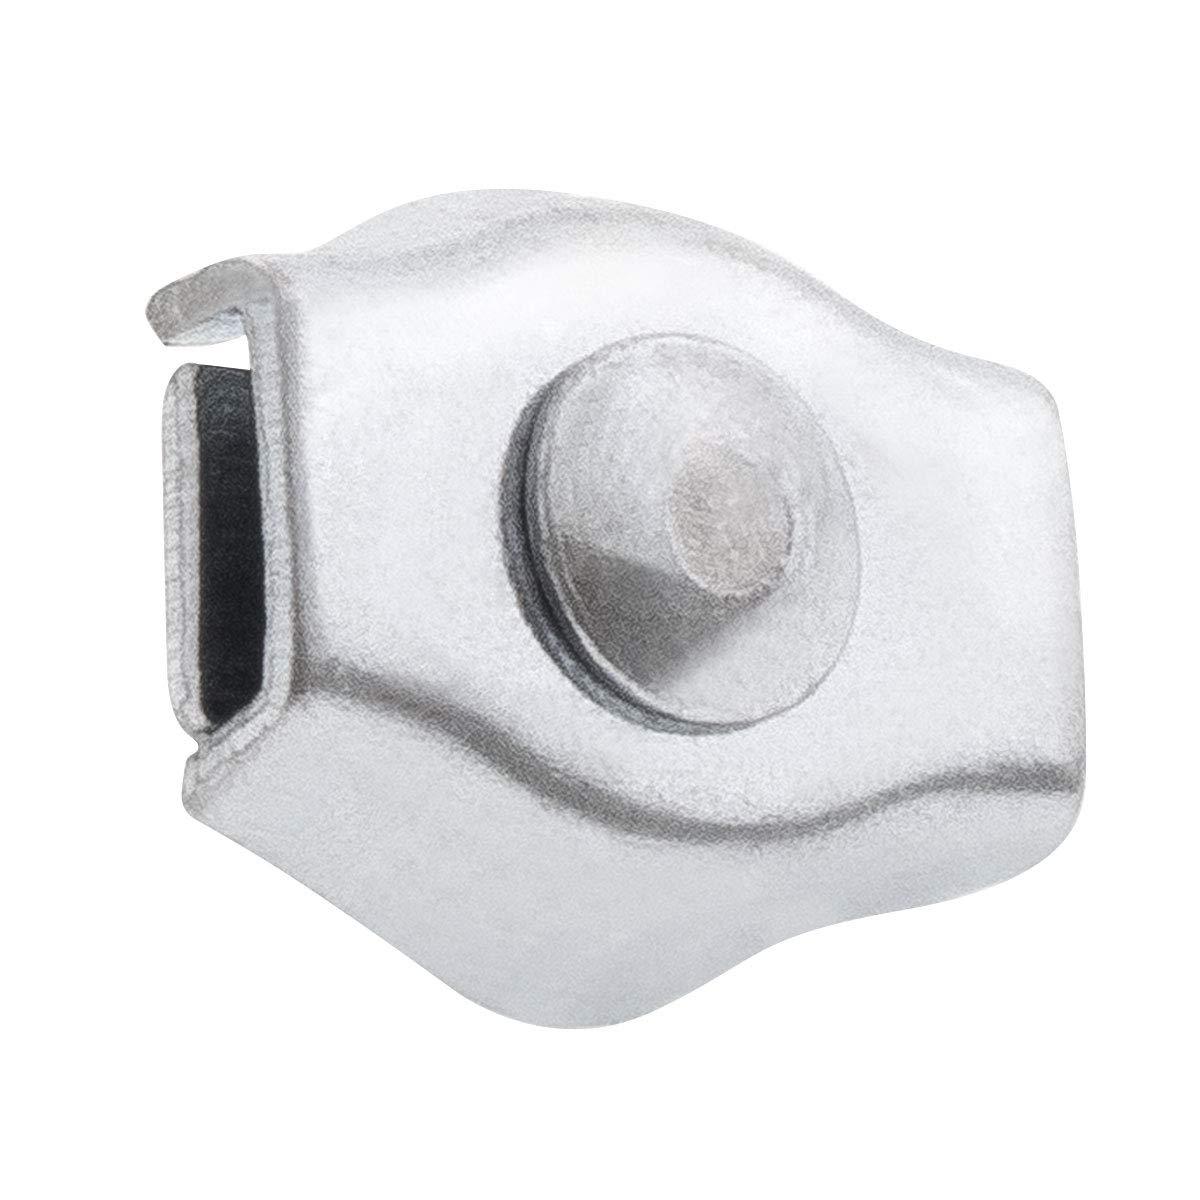 Serre-c/âble pour les Cordes Corde d/'Acier Zingu/é C/âble en acier werk STANKE 10x Serre-c/âble de Selle Simple 6mm Serre-c/âble